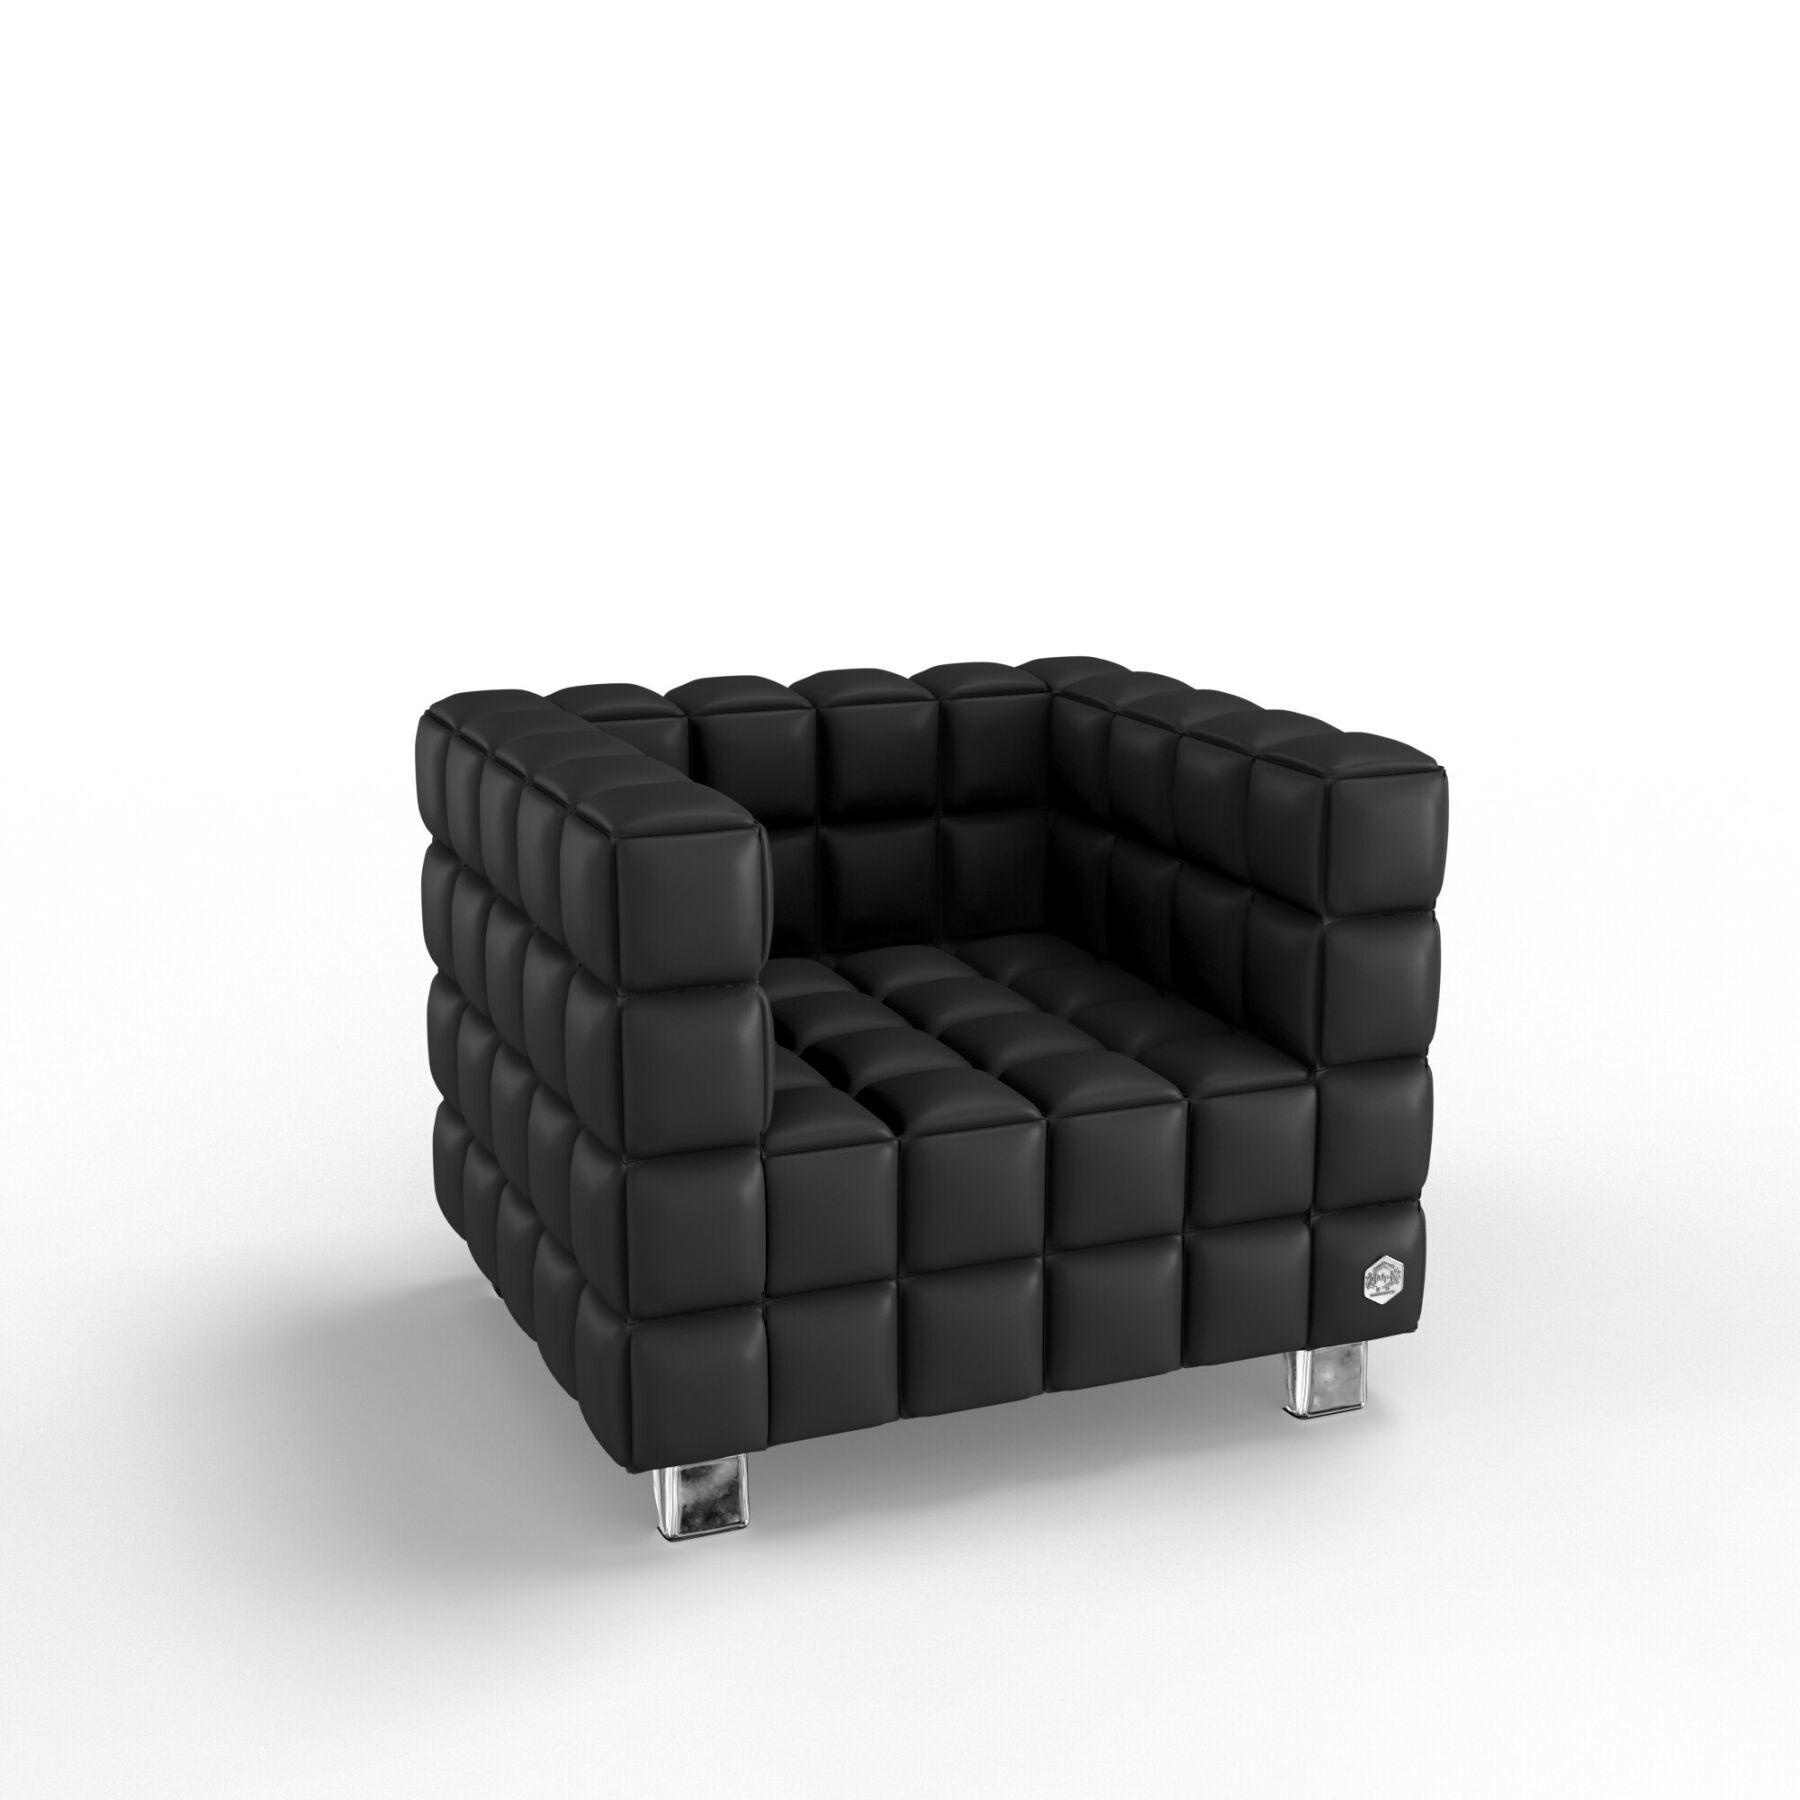 Мягкое кресло KULIK SYSTEM NEXUS Экокожа 1